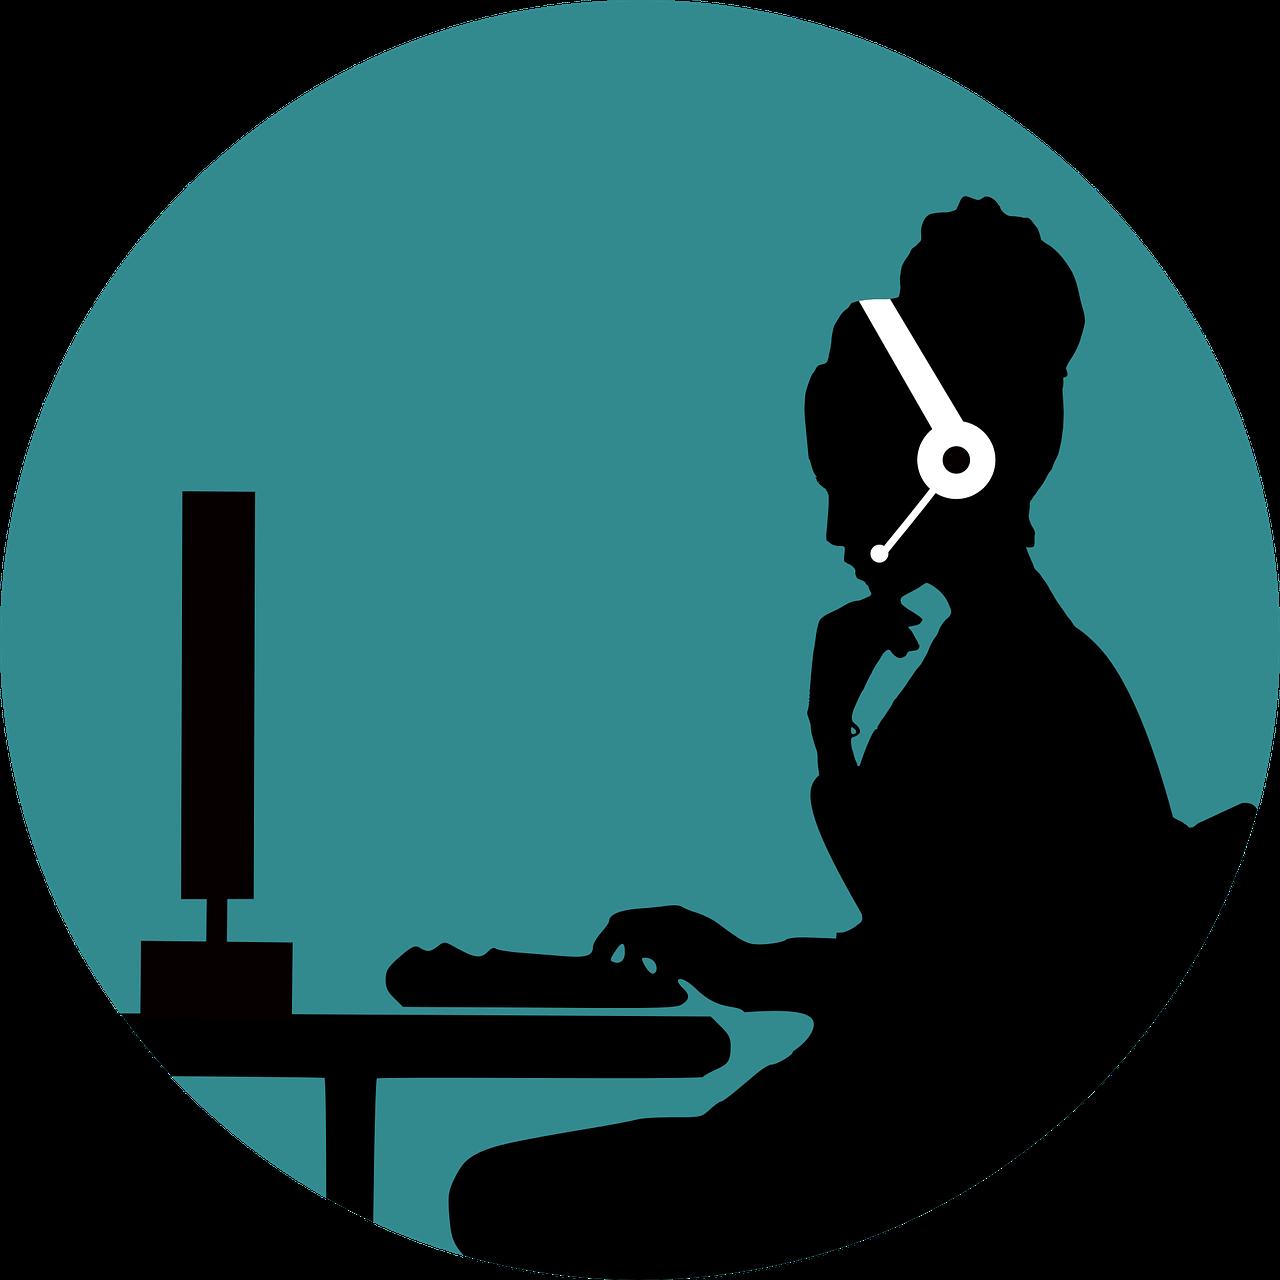 eComm Boardroom Customer Support vs. Customer Success